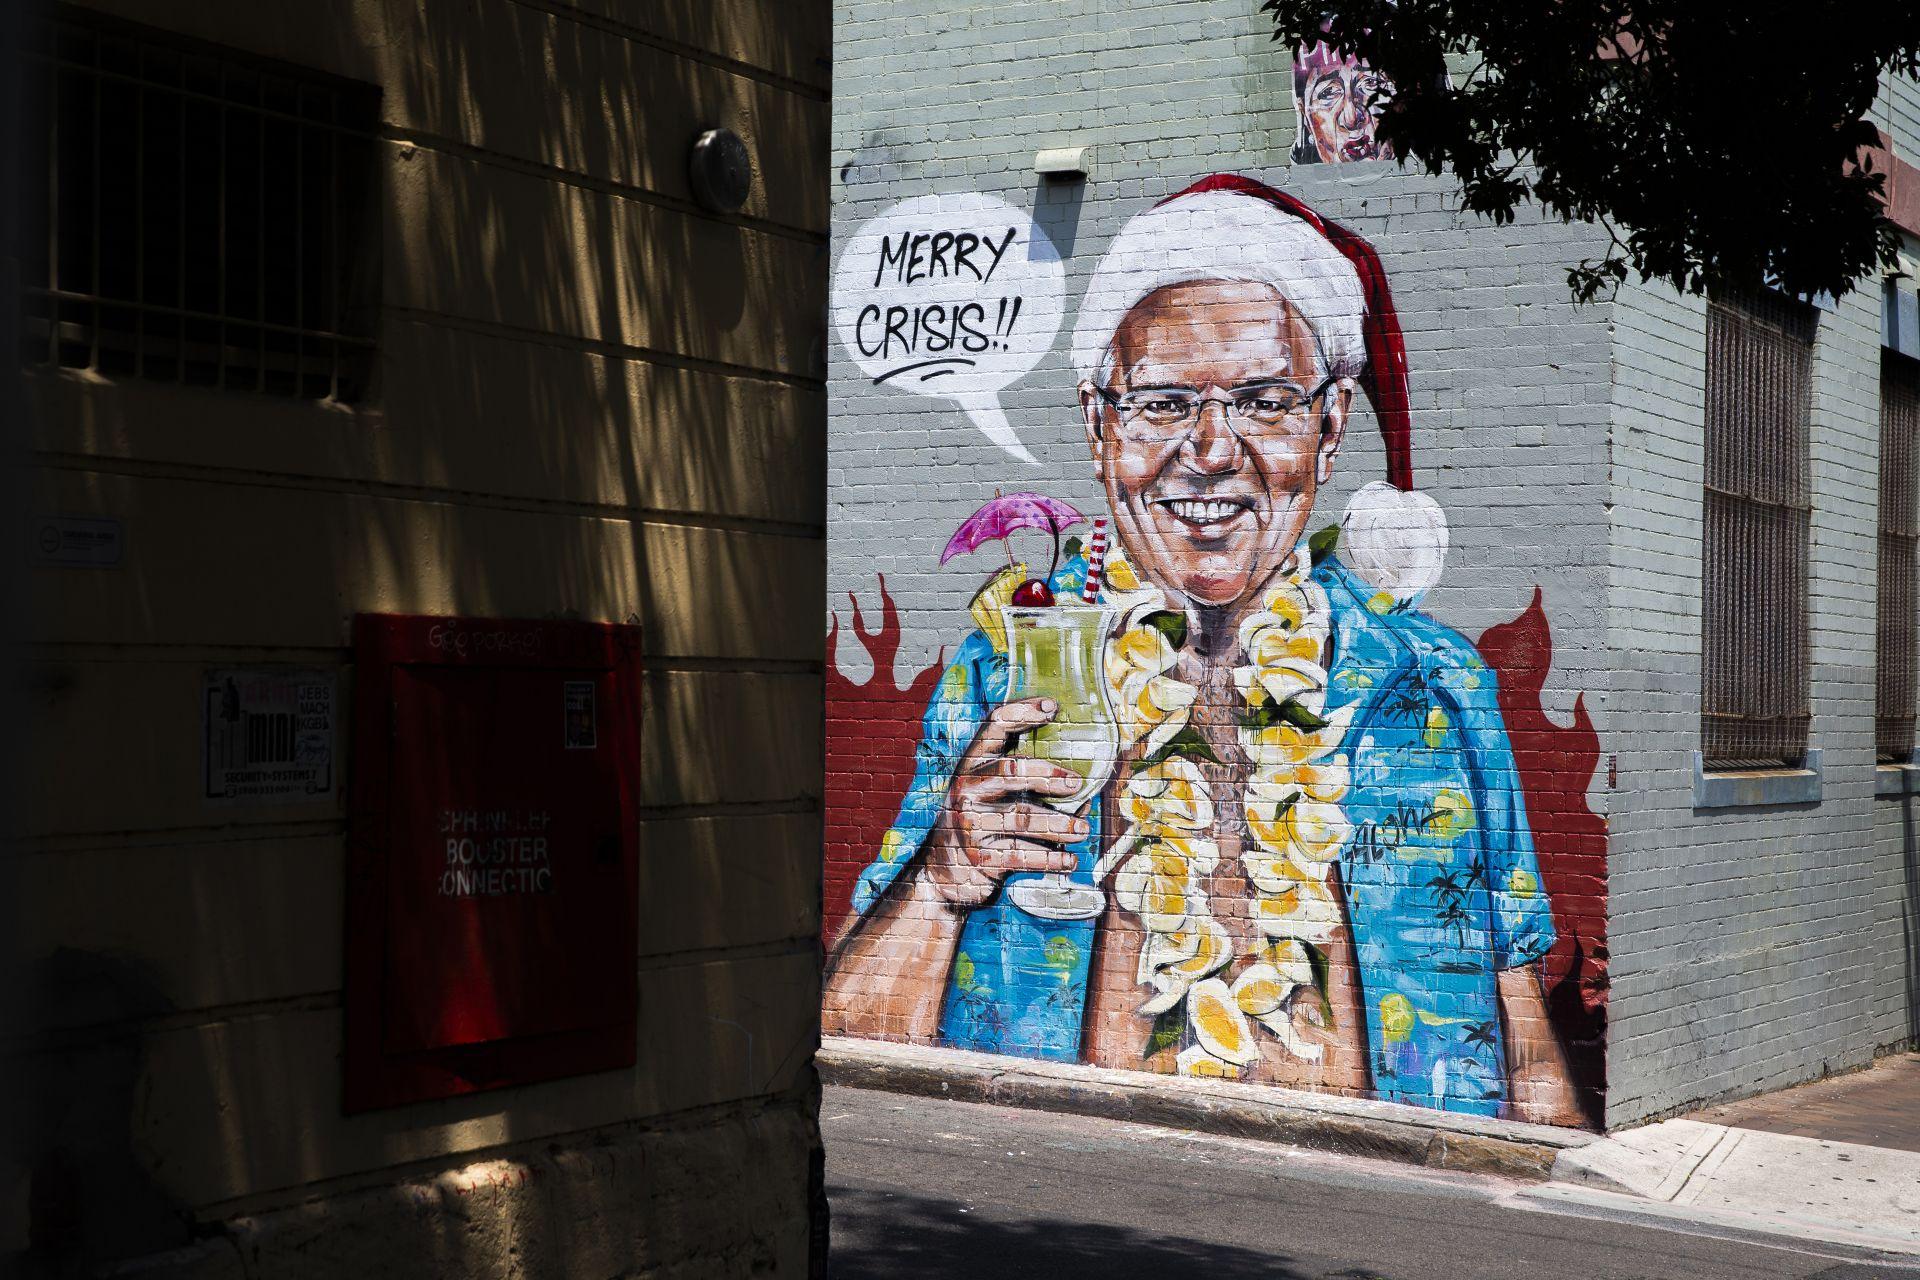 """Графит с премиера Скот Морисън и послание """"Весела Криза"""""""